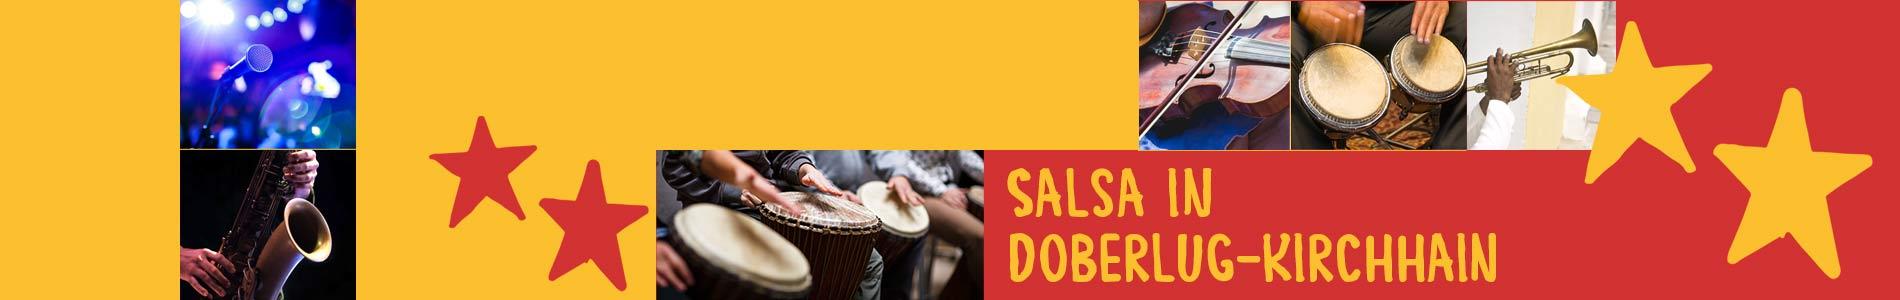 Salsa in Doberlug-Kirchhain – Salsa lernen und tanzen, Tanzkurse, Partys, Veranstaltungen